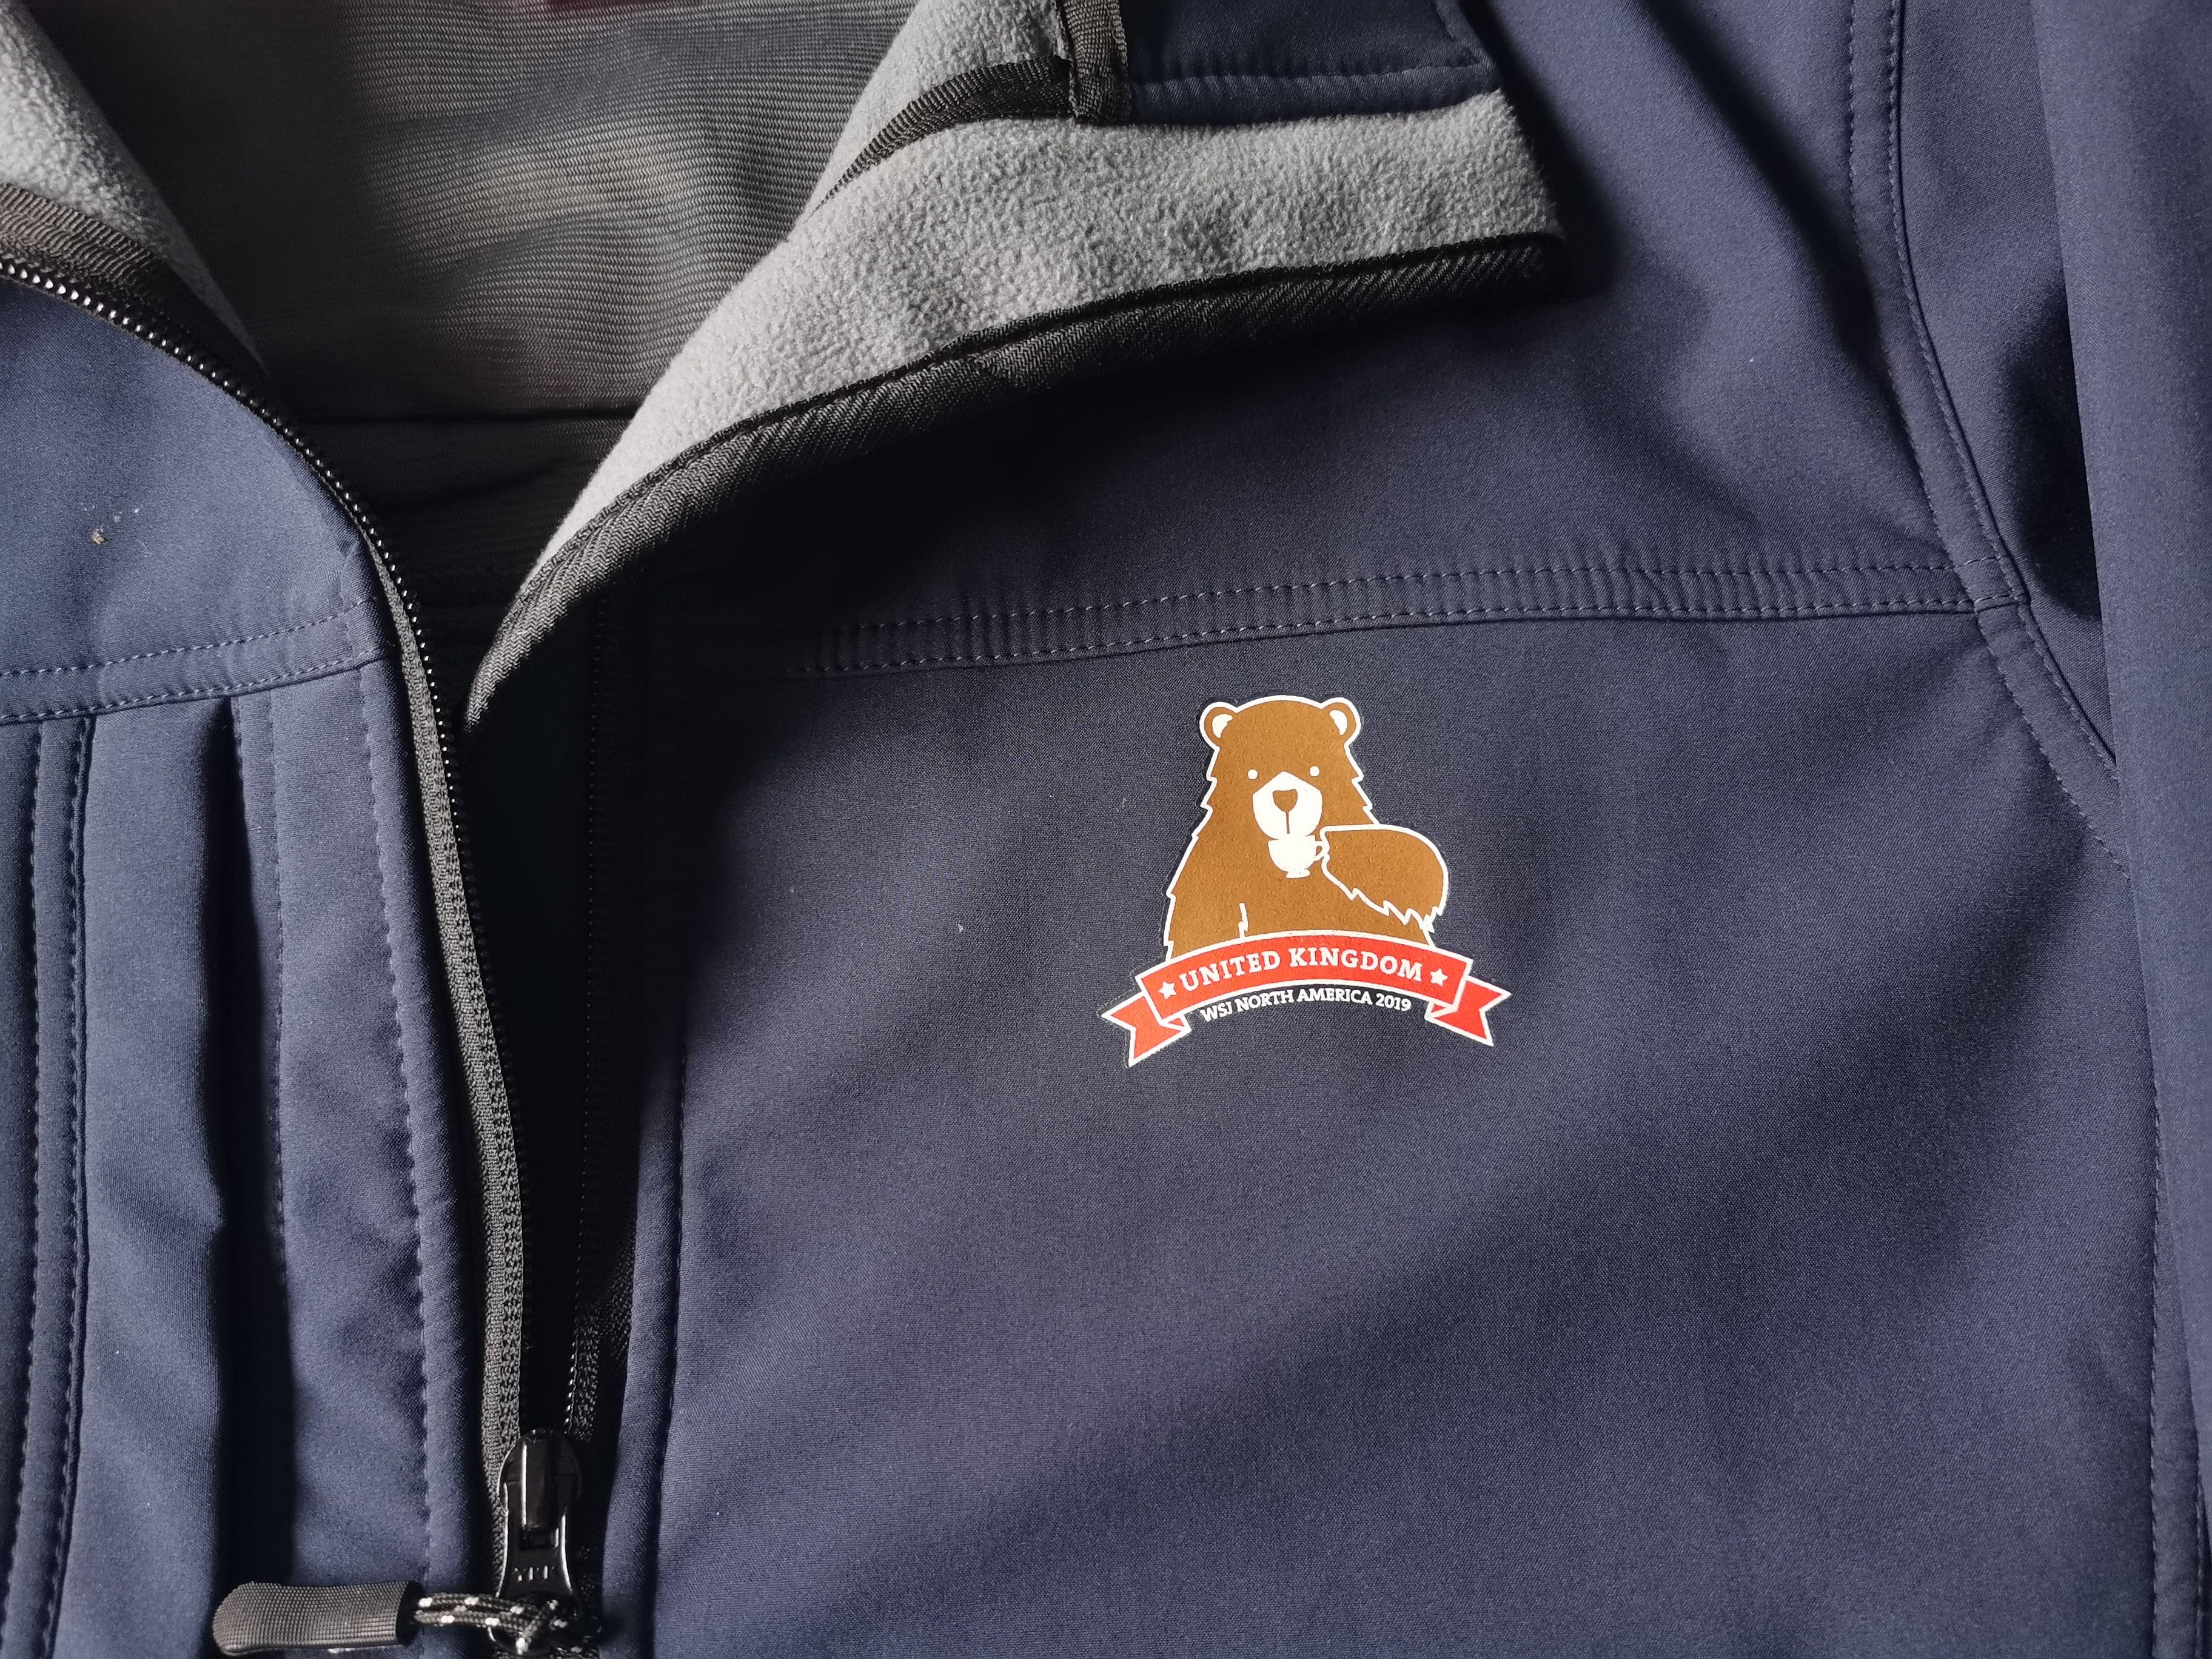 World Scout Jamboree Unit Leader softshell jacket